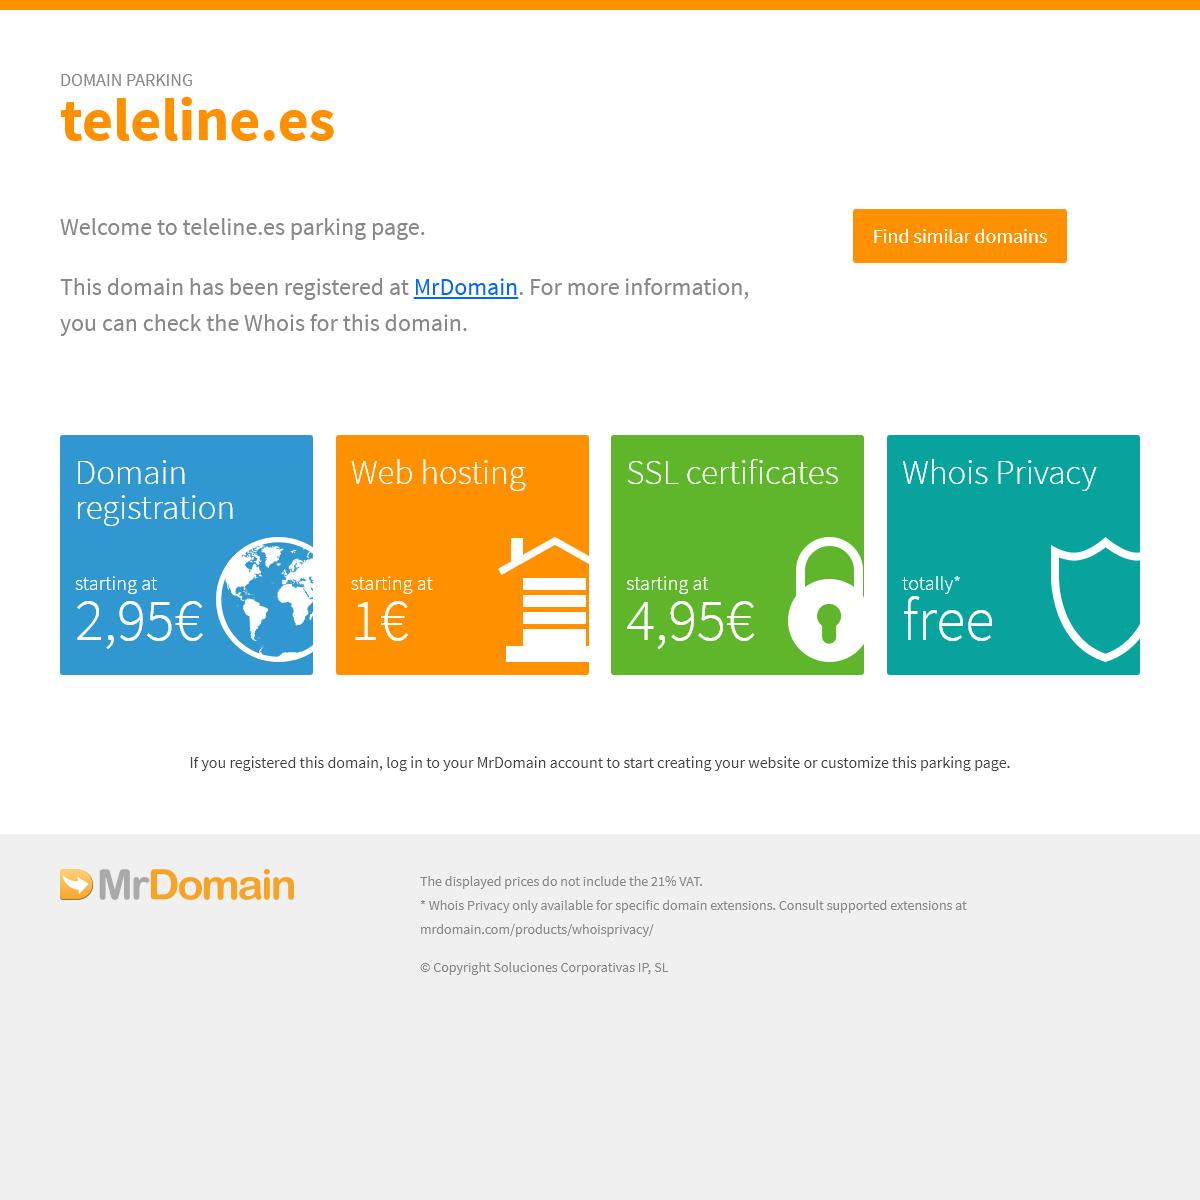 teleline.es - Registered at